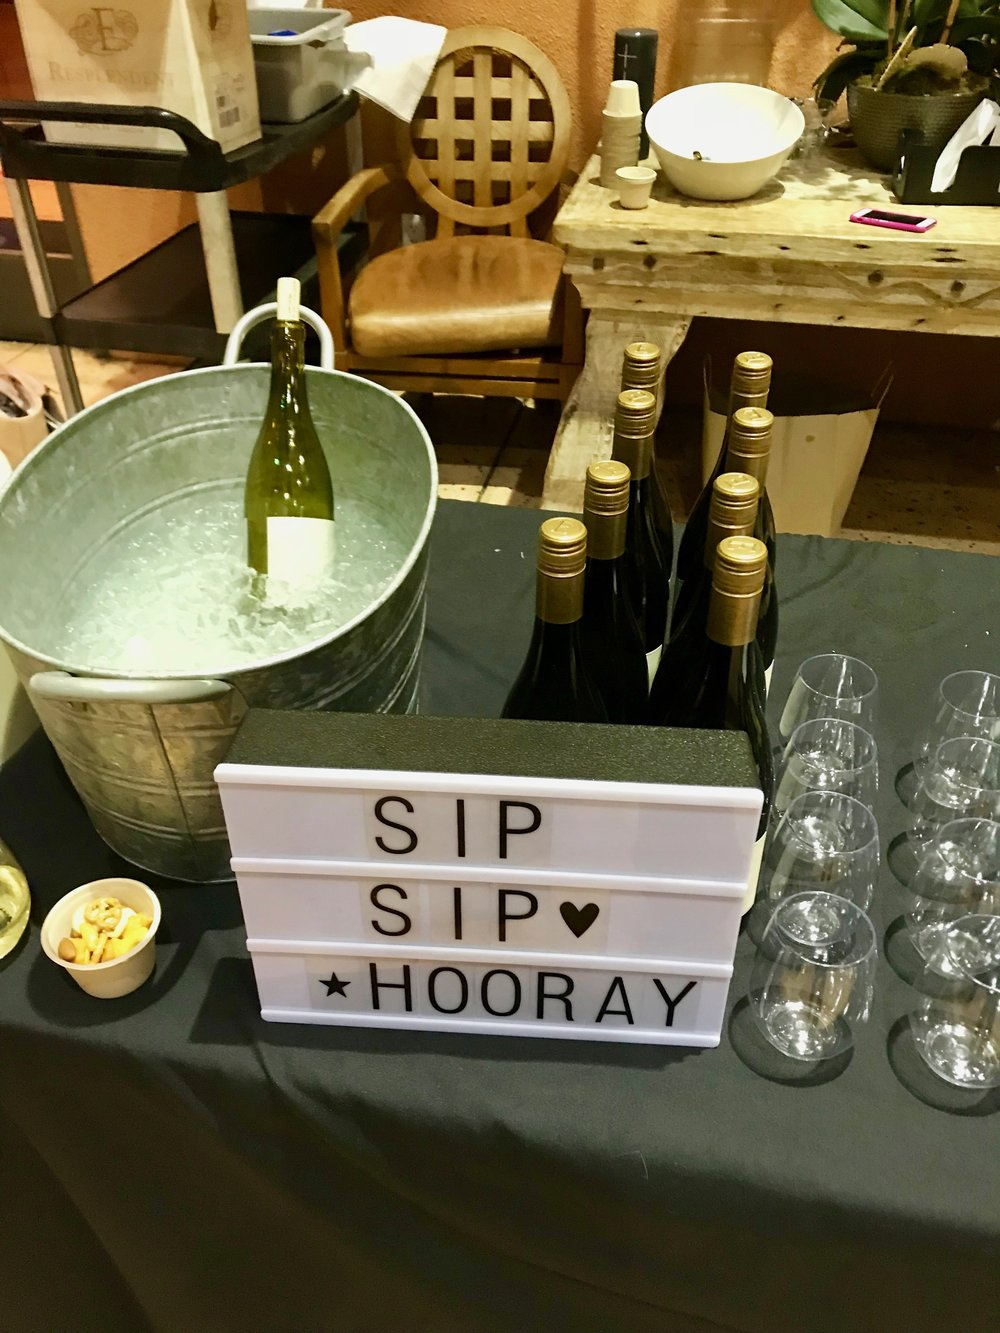 Sip Sip Hooray sign.jpg*.jpg